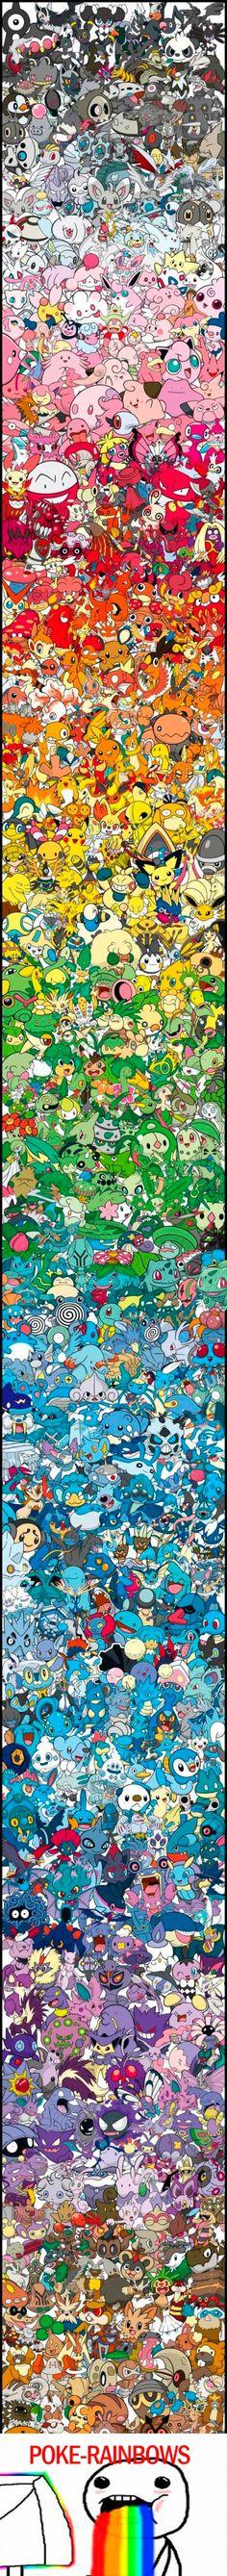 hoje-só-da-pokemon